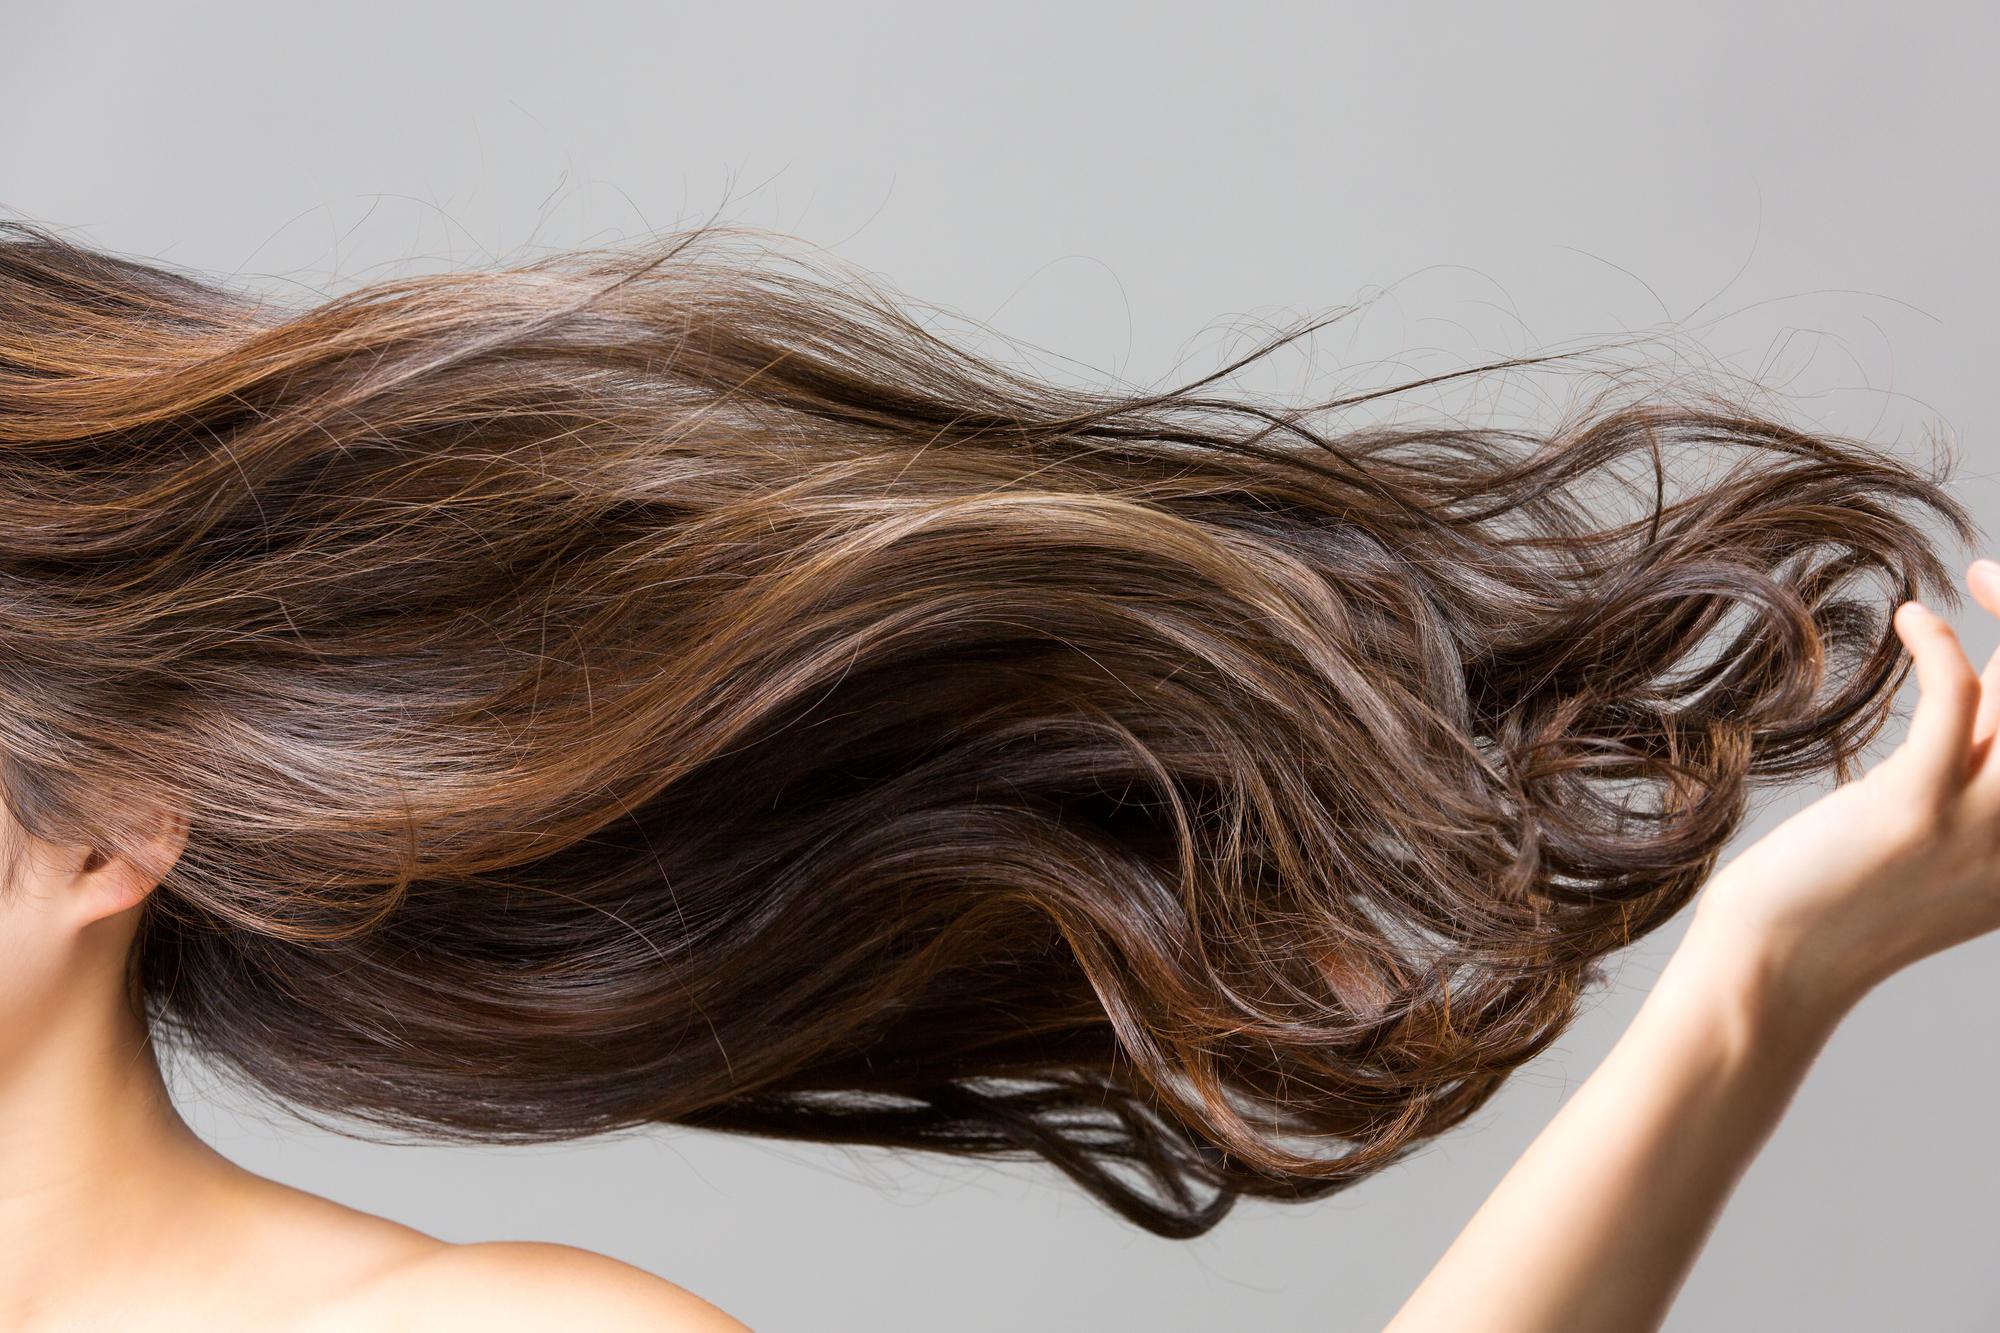 美しい髪にはシャンプー選びが大切